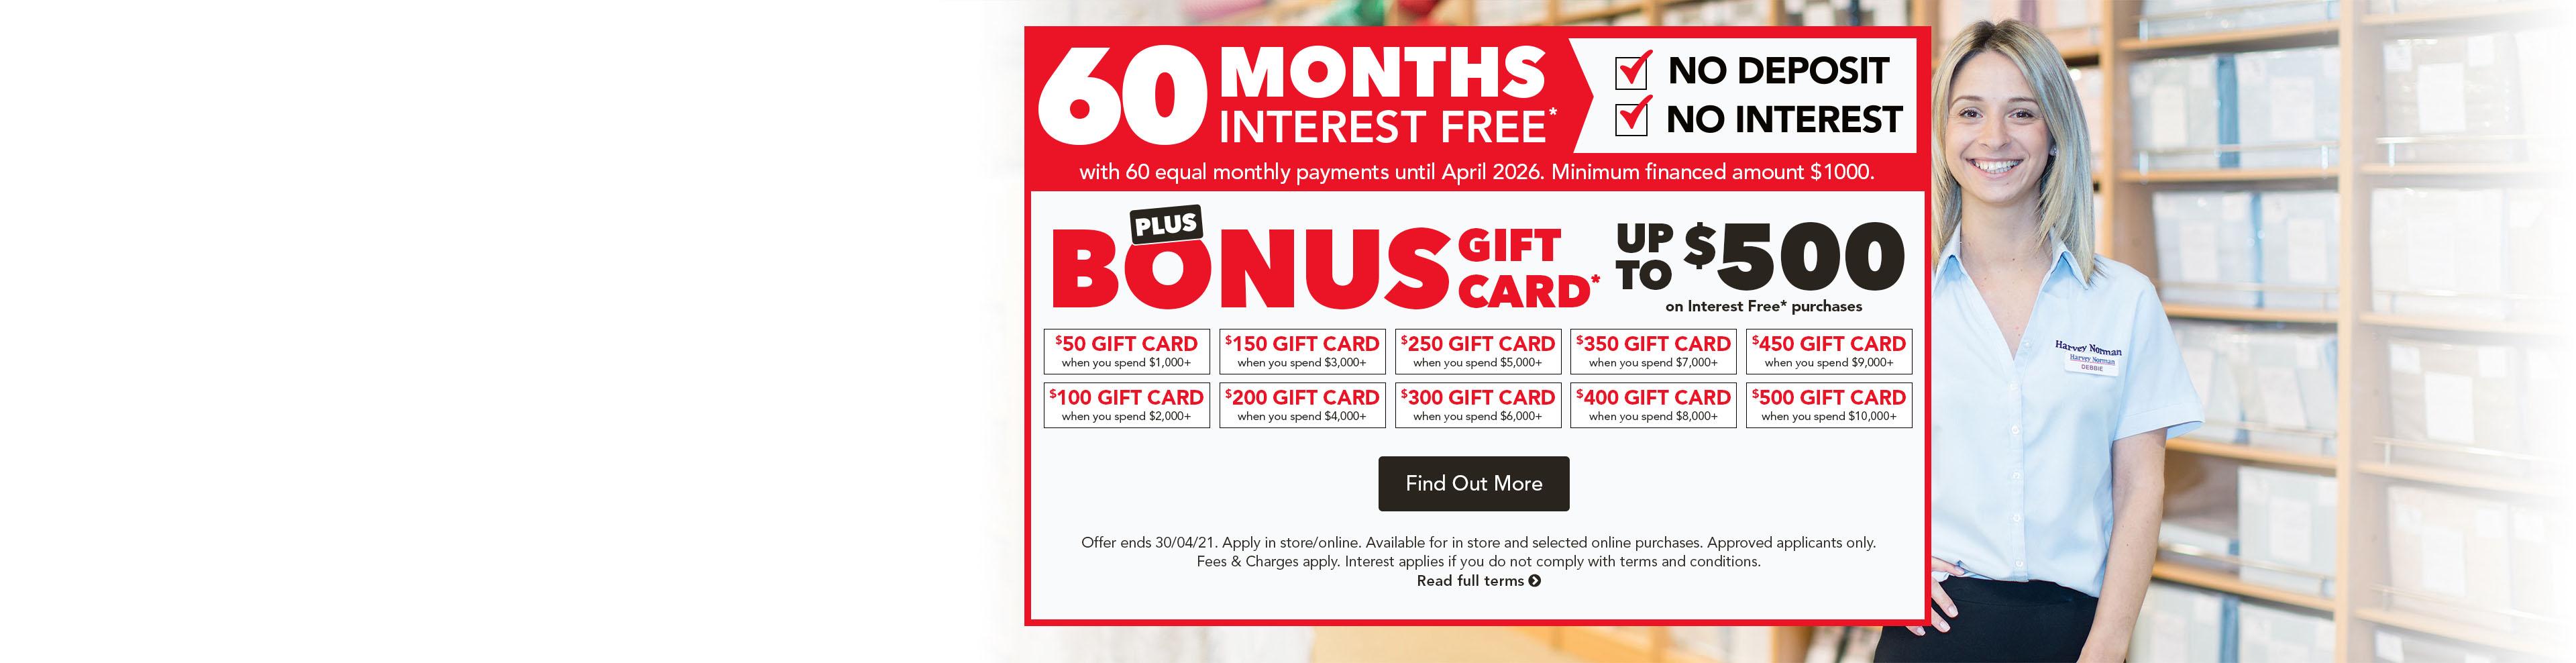 60 Months Interest Free